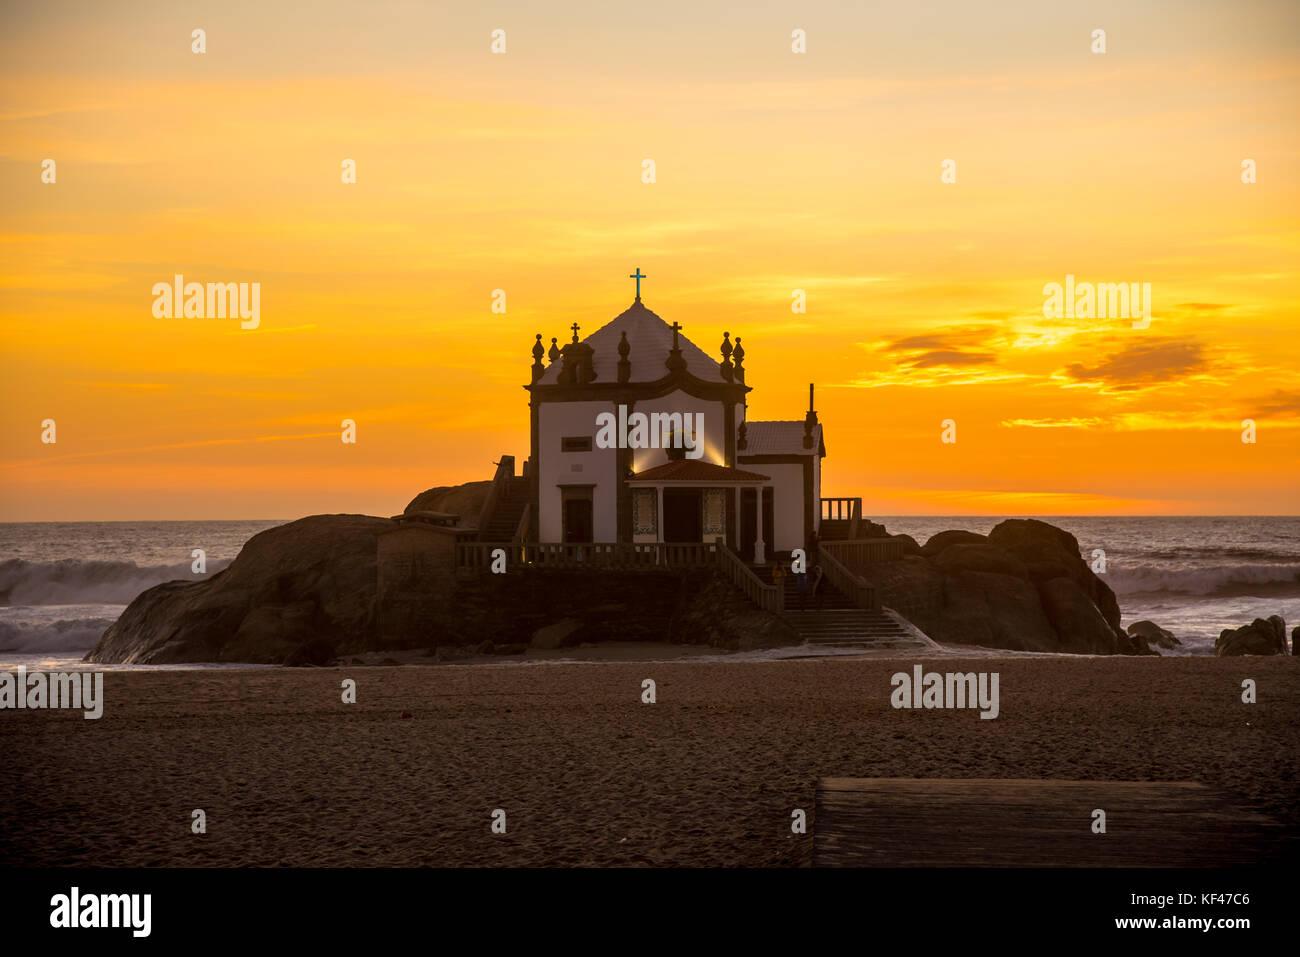 Der Sonnenuntergang ist eine wunderbare Gelegenheit für uns zu schätzen all die großen Dinge, die Stockbild